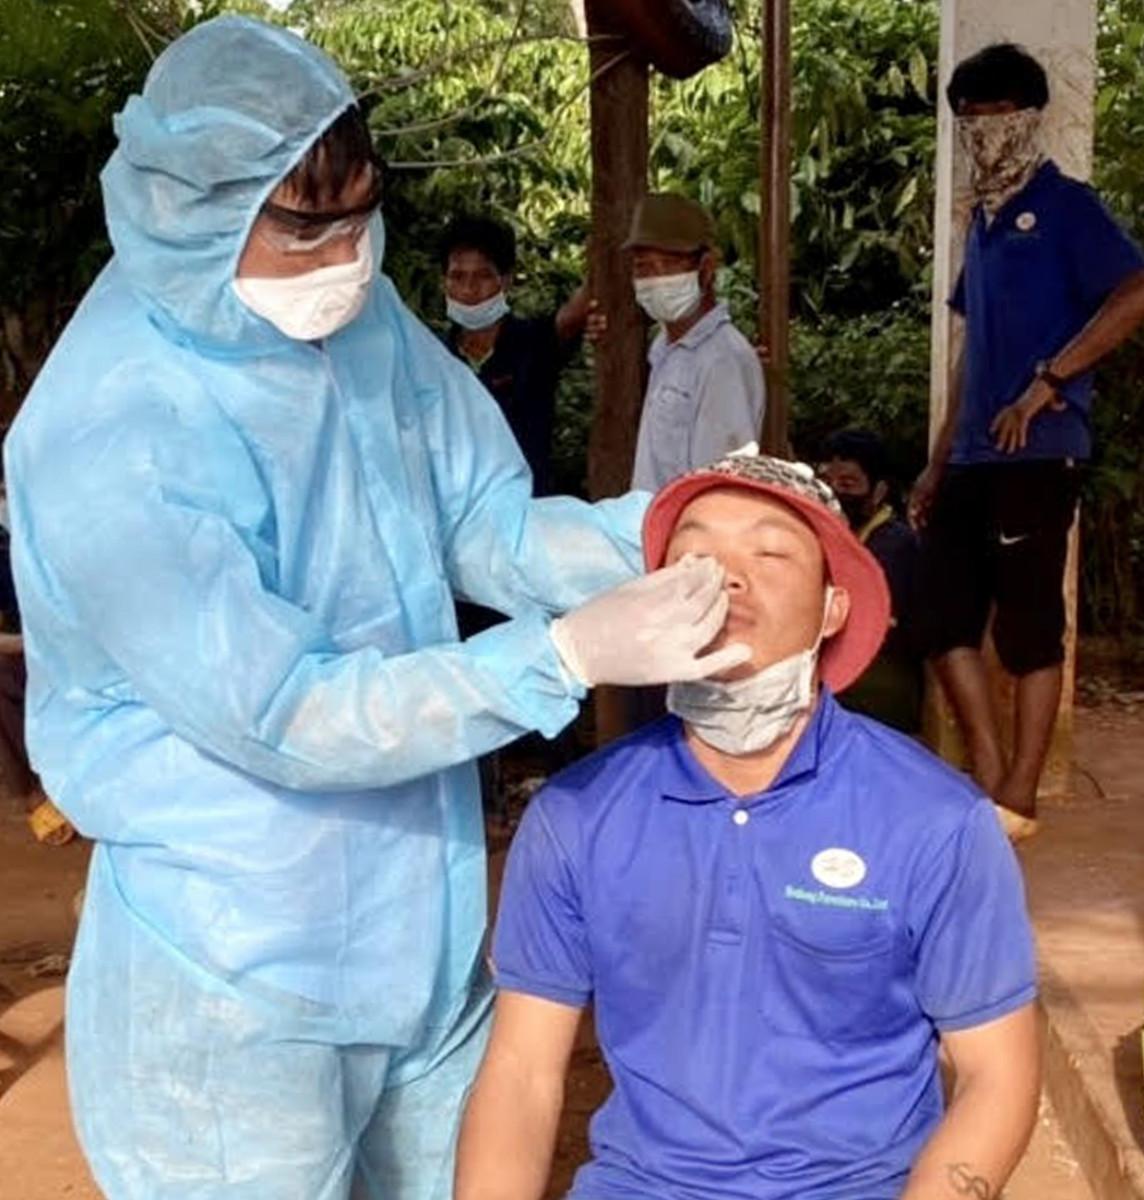 Gia Lai: Xã Ia Glai tạm dừng một số hoạt động chưa thiết yếu để phòng-chống dịch Covid-19